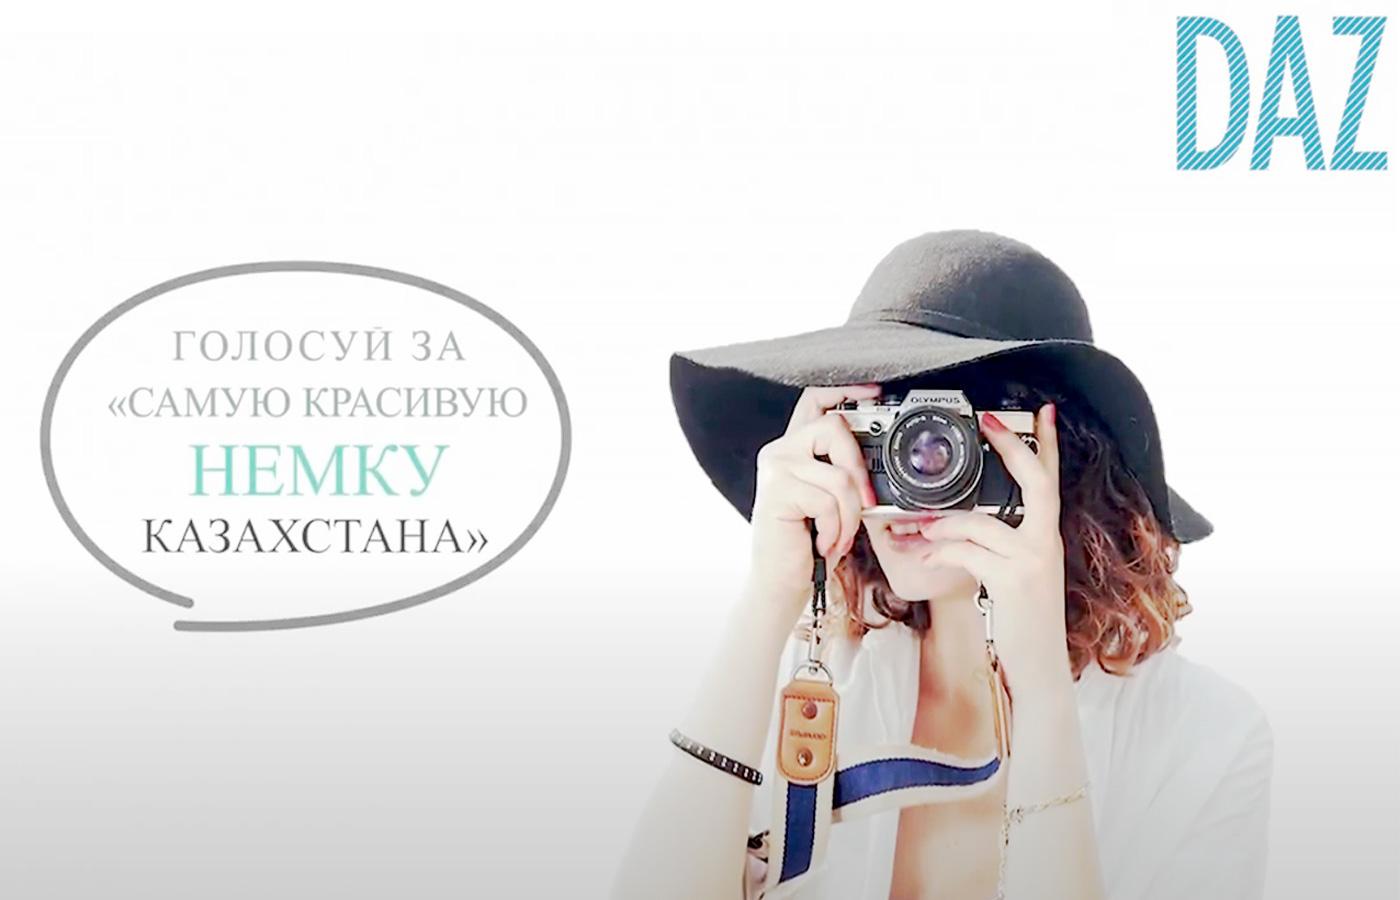 ВИДЕО: Голосуй за «Самую красивую немку Казахстана»!